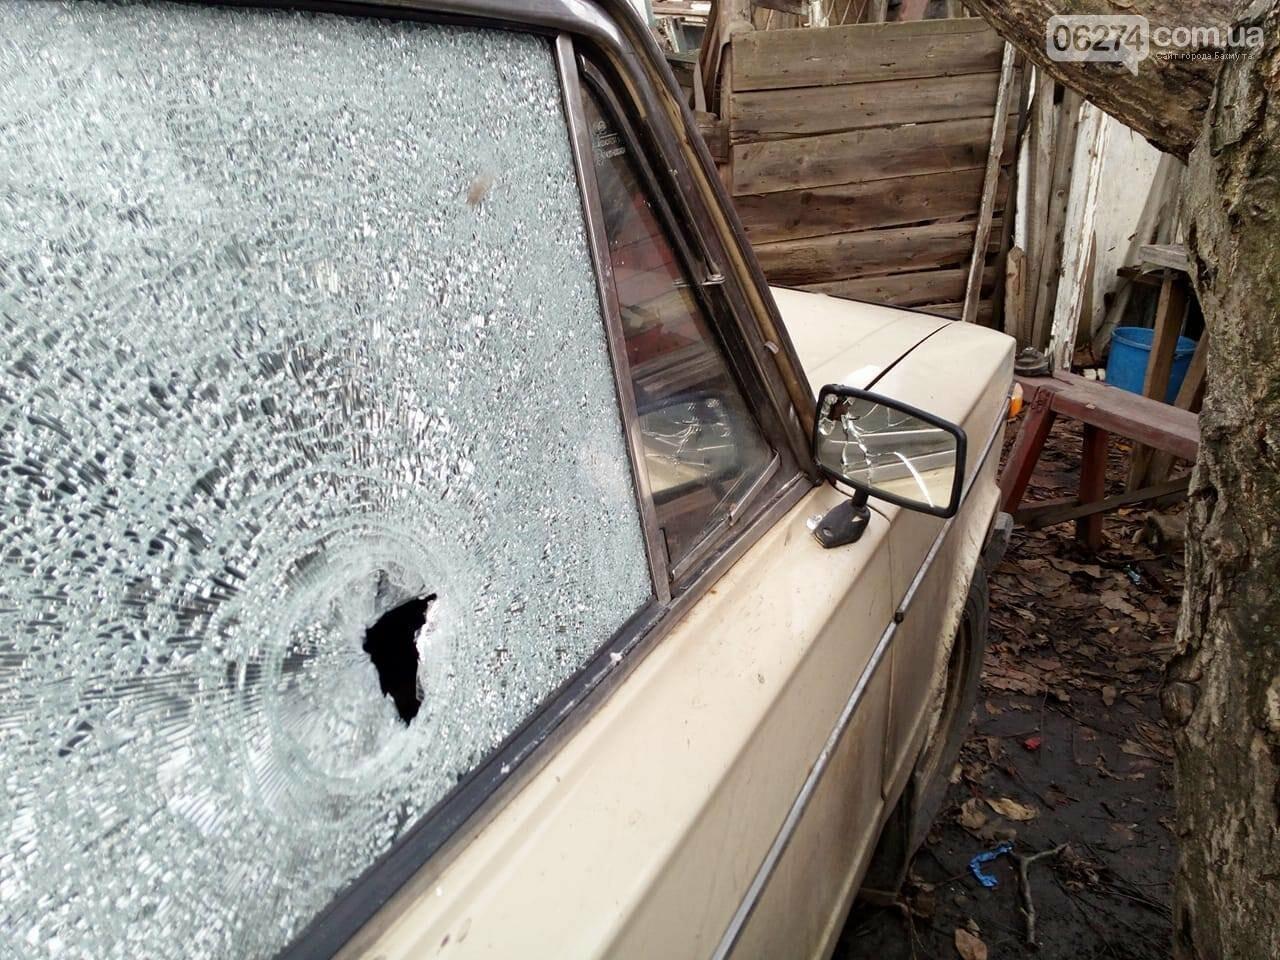 Боевики обстреляли автомобиль мирного жителя в Бахмутском районе (ФОТО), фото-1